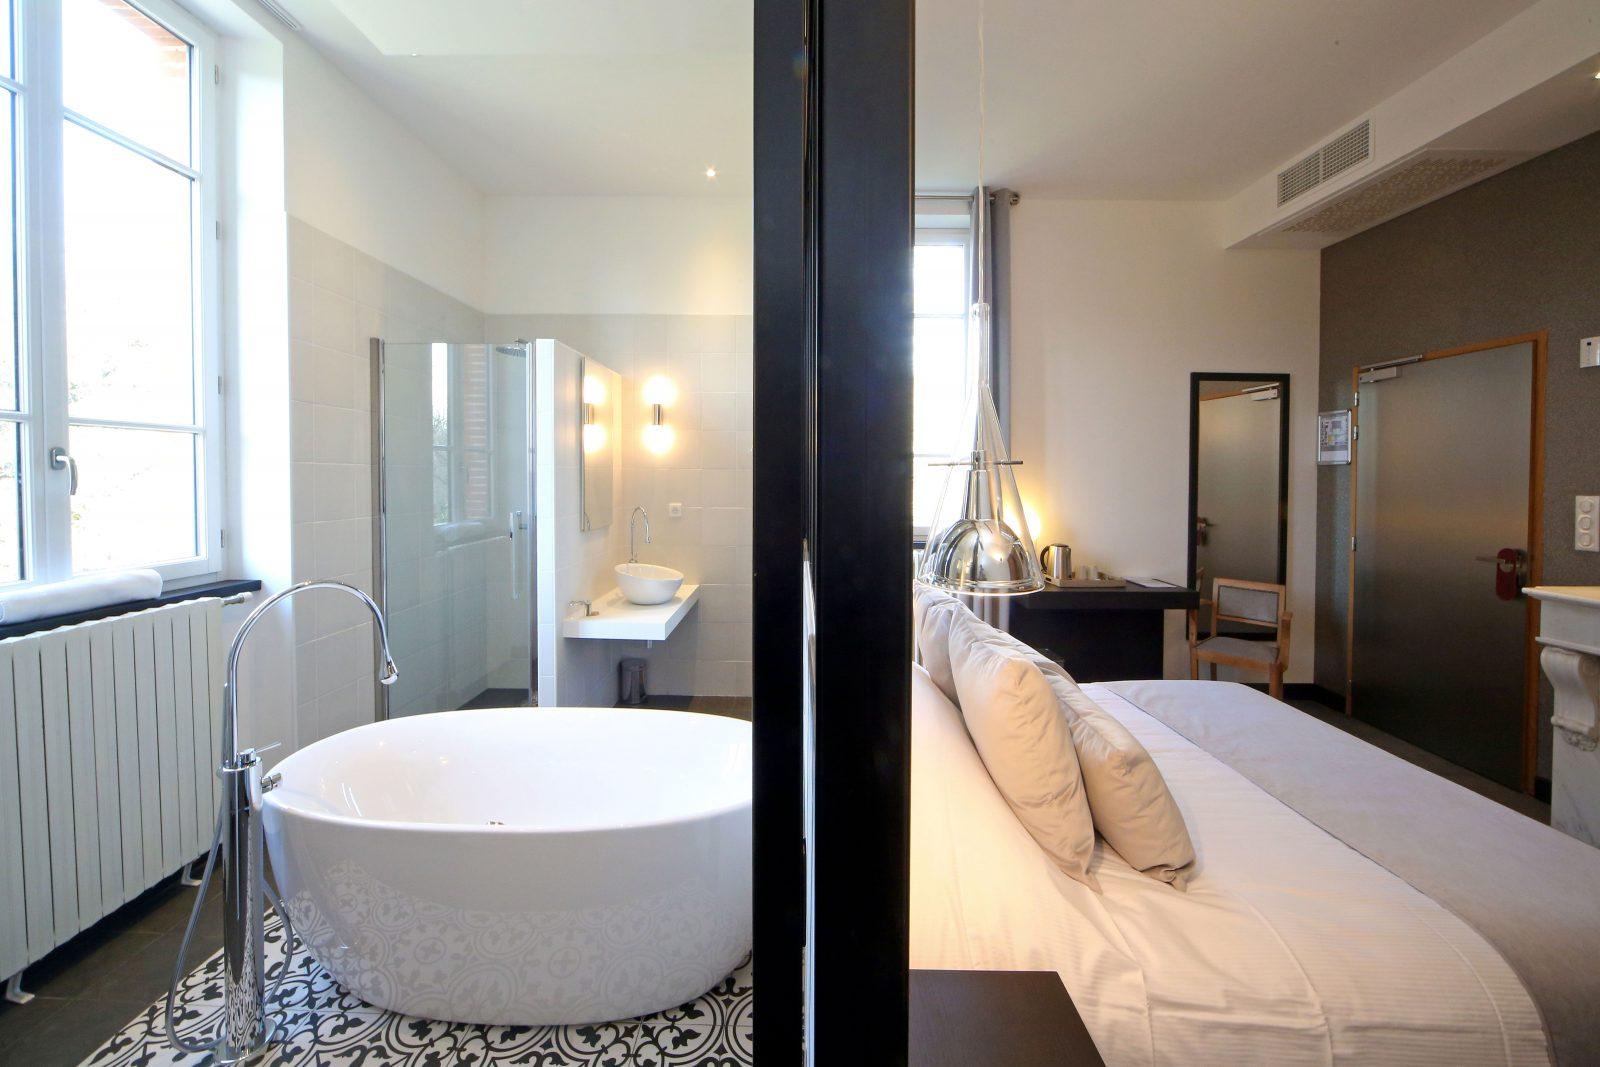 Hôtel d'En Fargou- Hôtel 4* – Salle de bain chambre verrière- Saint-Sulpice Tarn